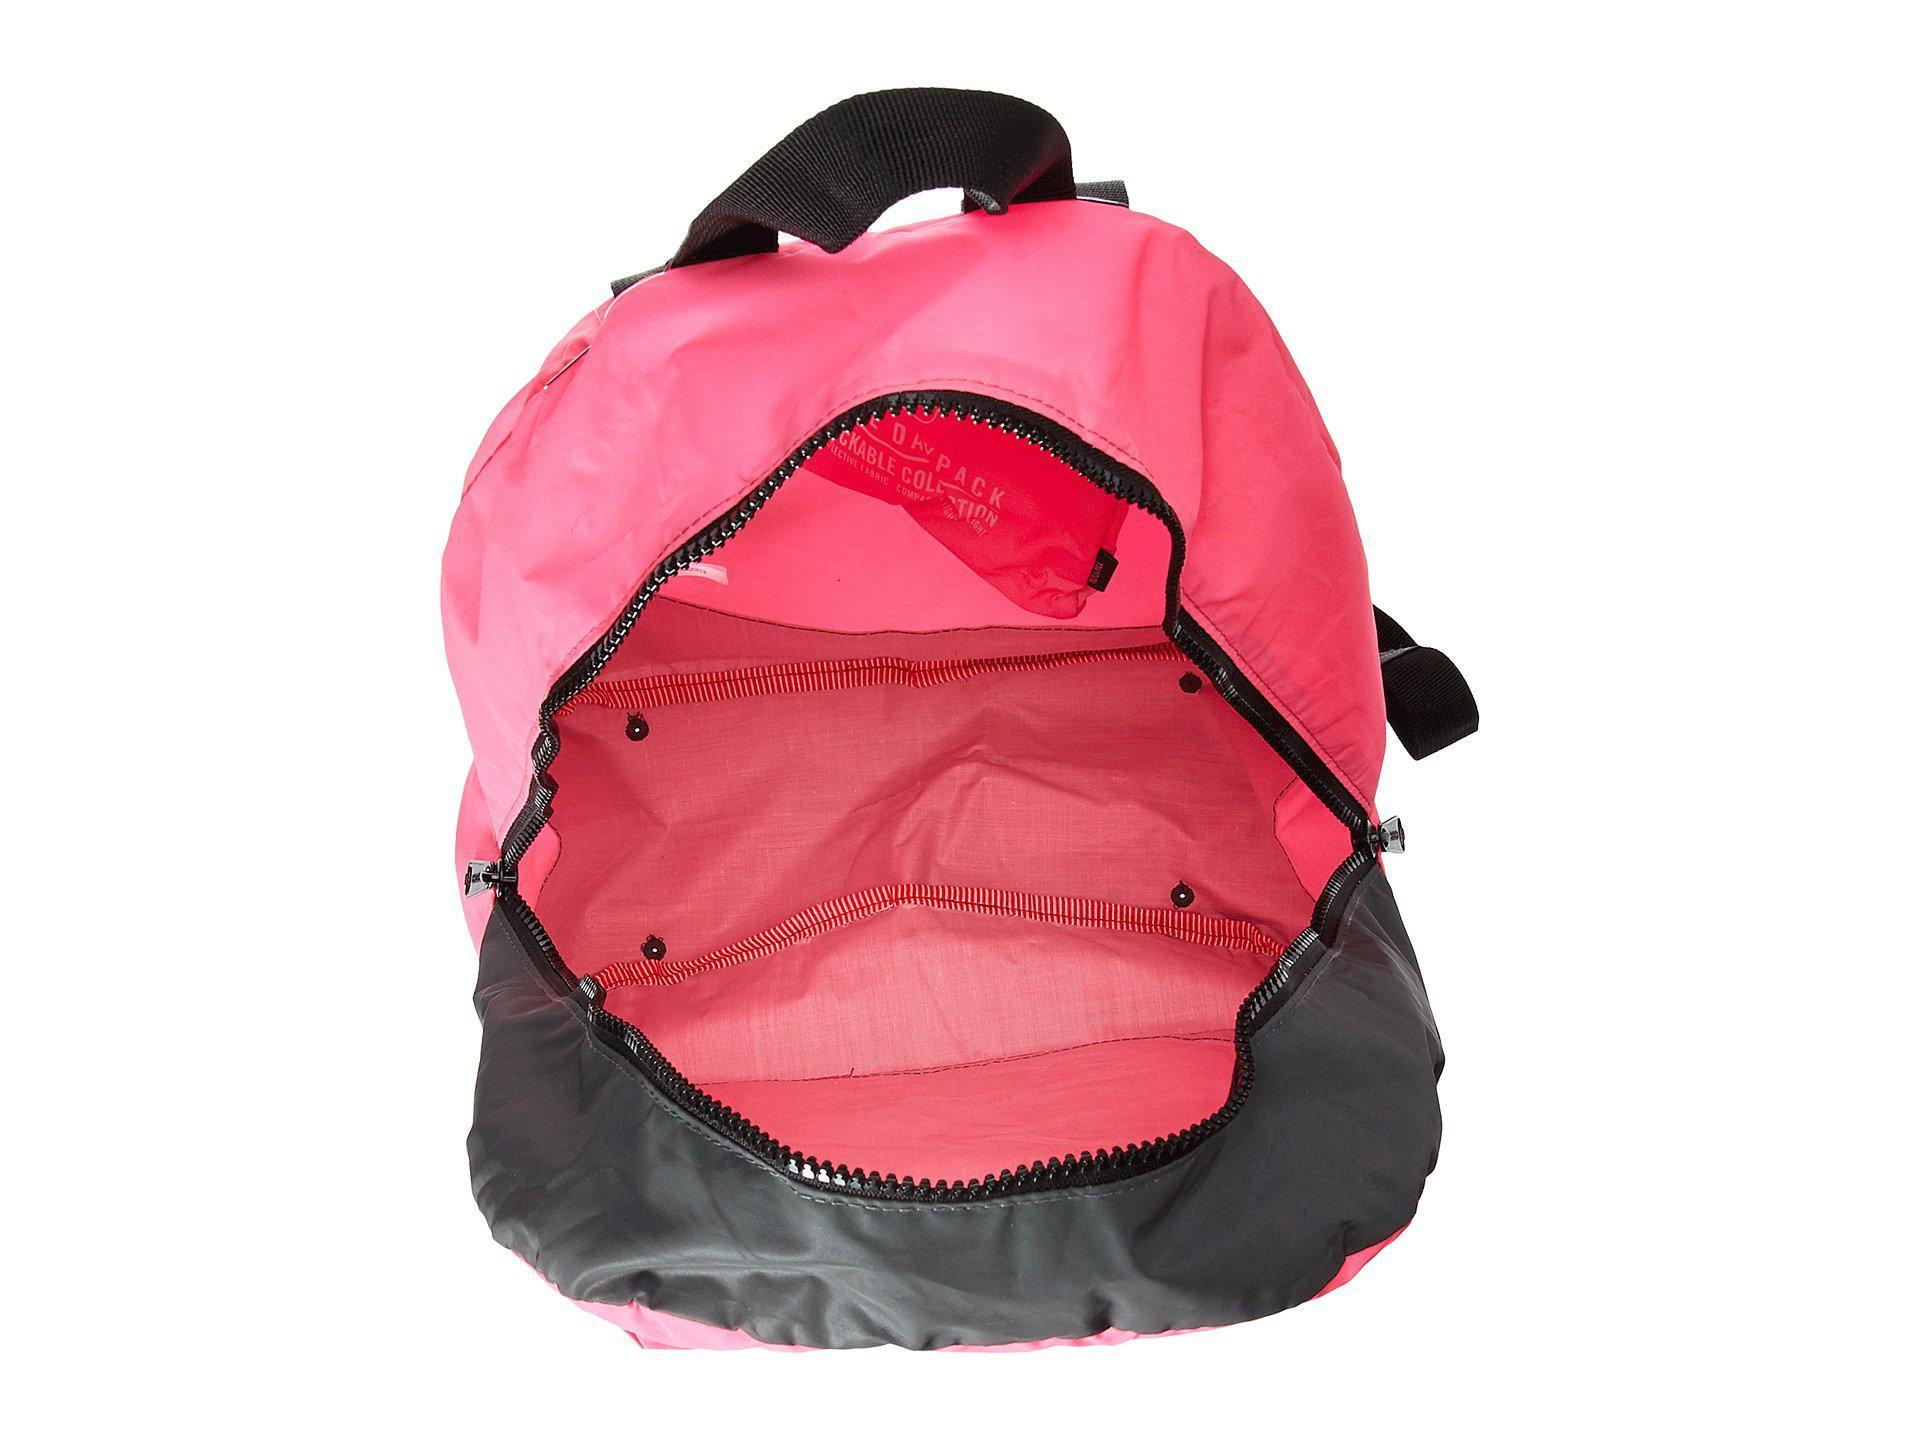 89183d8d42f0 Herschel Supply Co. - Pink Packable Daypack - Lyst. View fullscreen